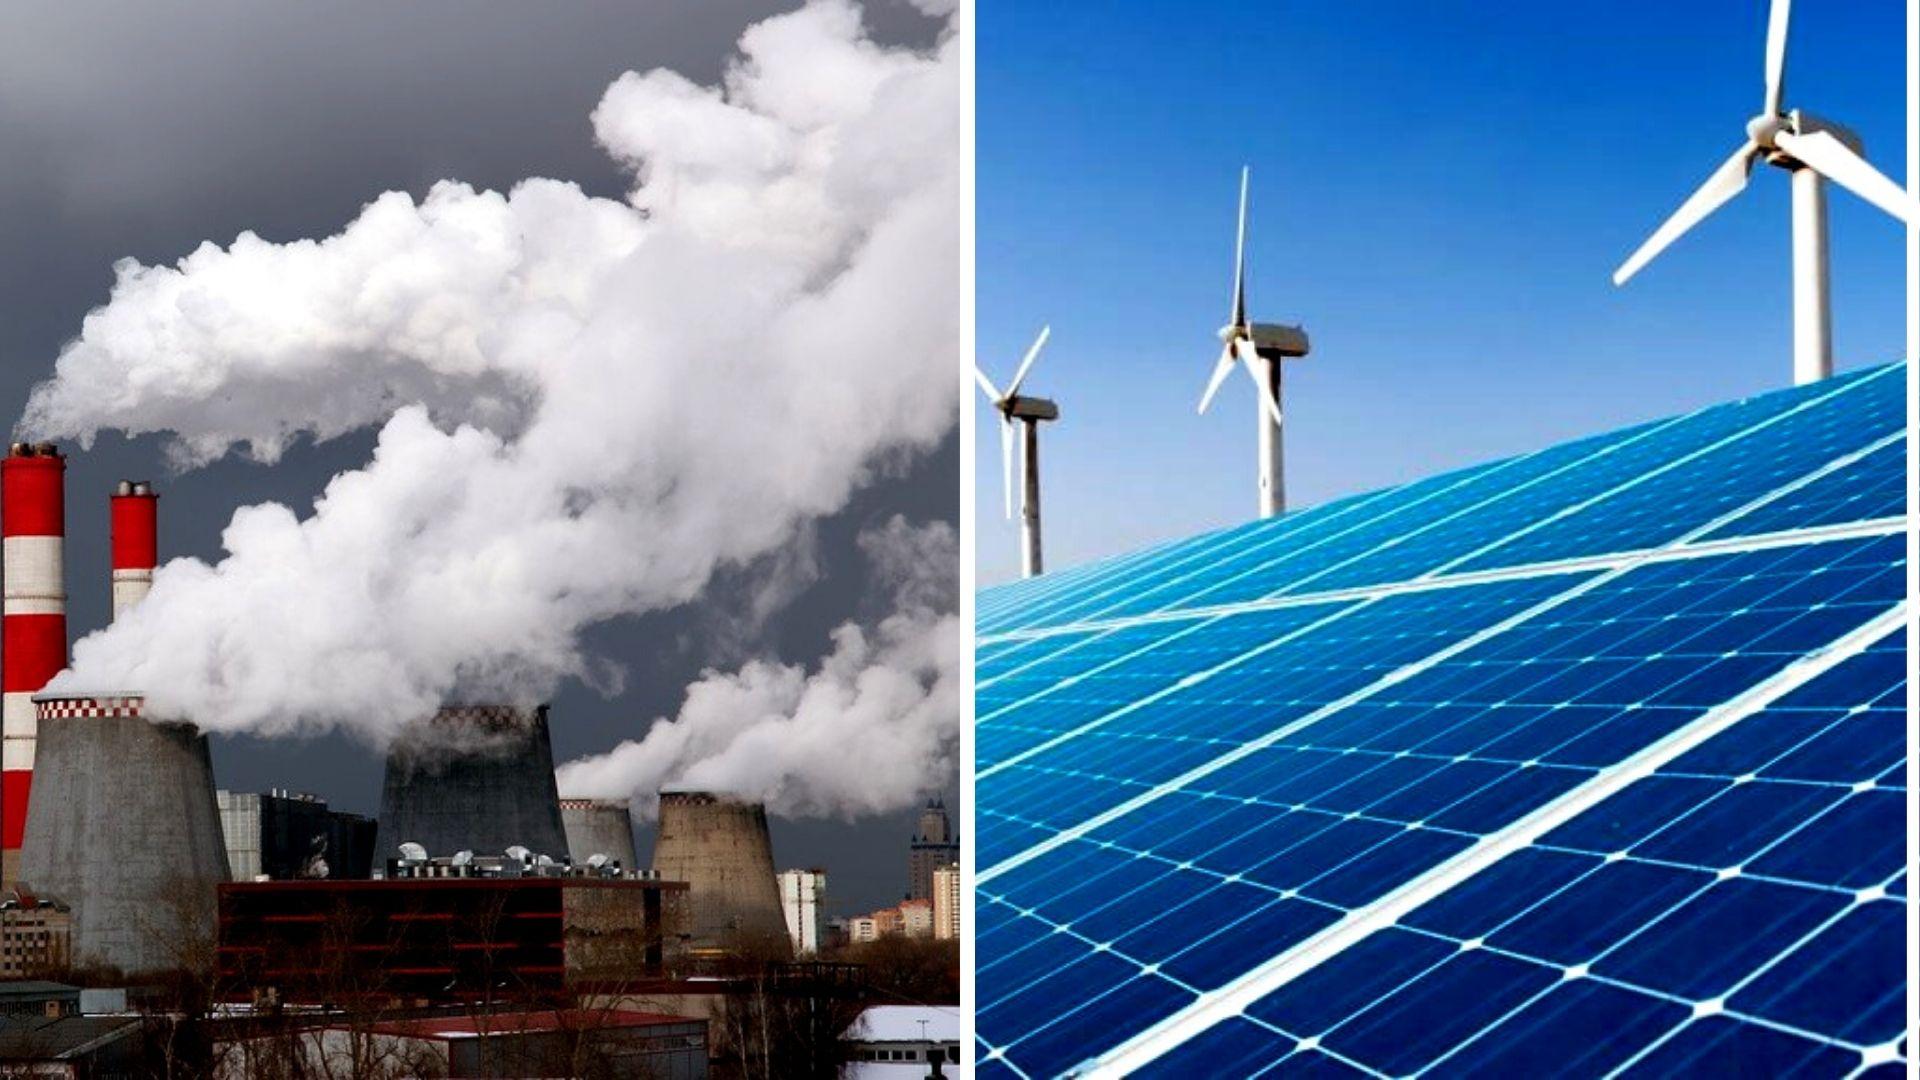 Уголь против солнца: какое будущее у энергетики Казахстана?